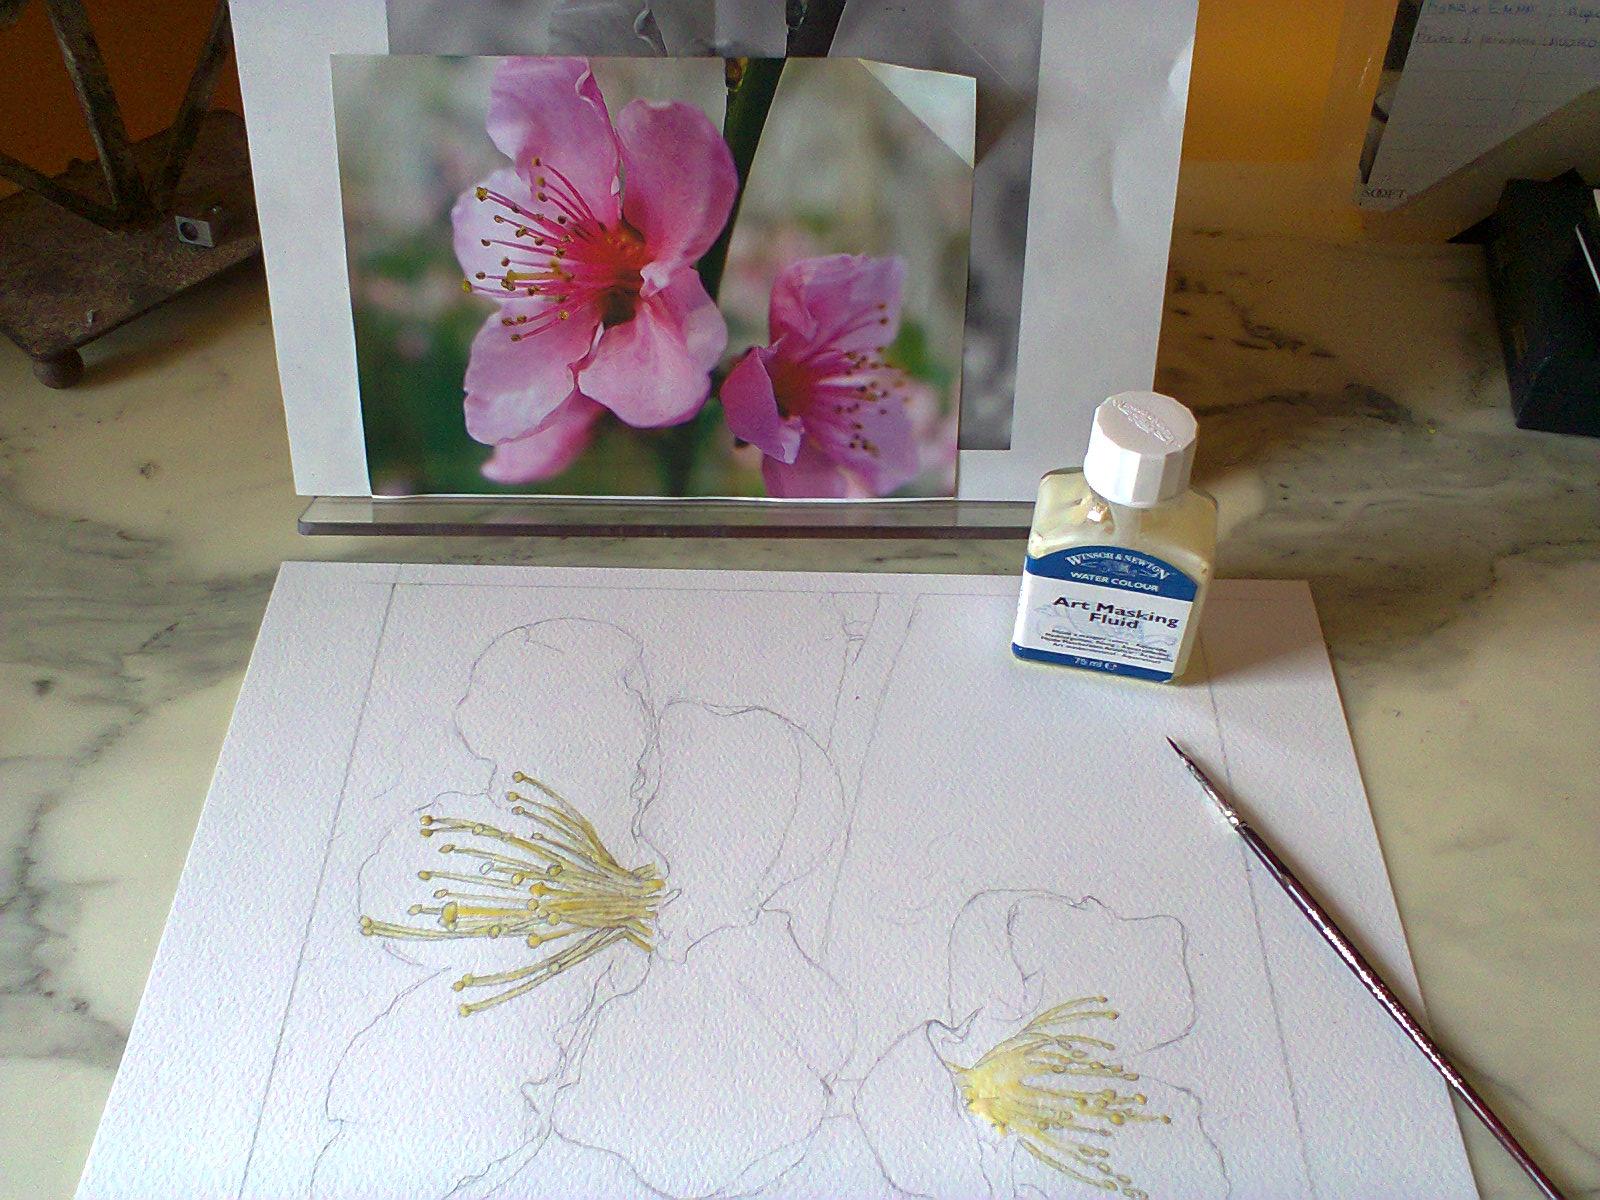 Fiori di ciliegio giapponese estri in laboratorio for Disegni di fiori a matita